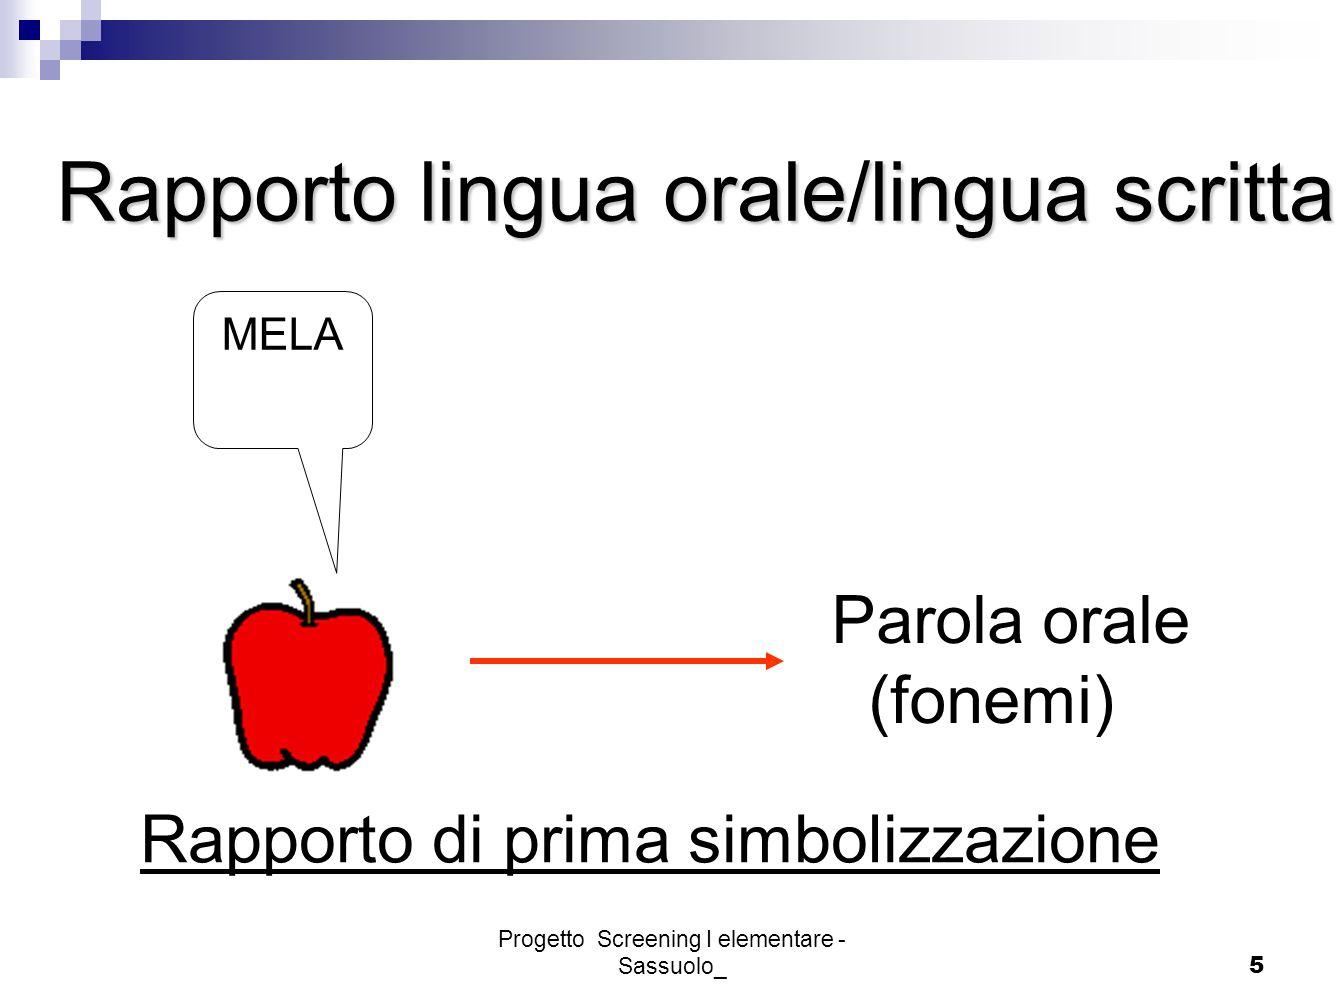 Progetto Screening I elementare - Sassuolo_5 Rapporto di prima simbolizzazione Parola orale (fonemi) MELA Rapporto lingua orale/lingua scritta